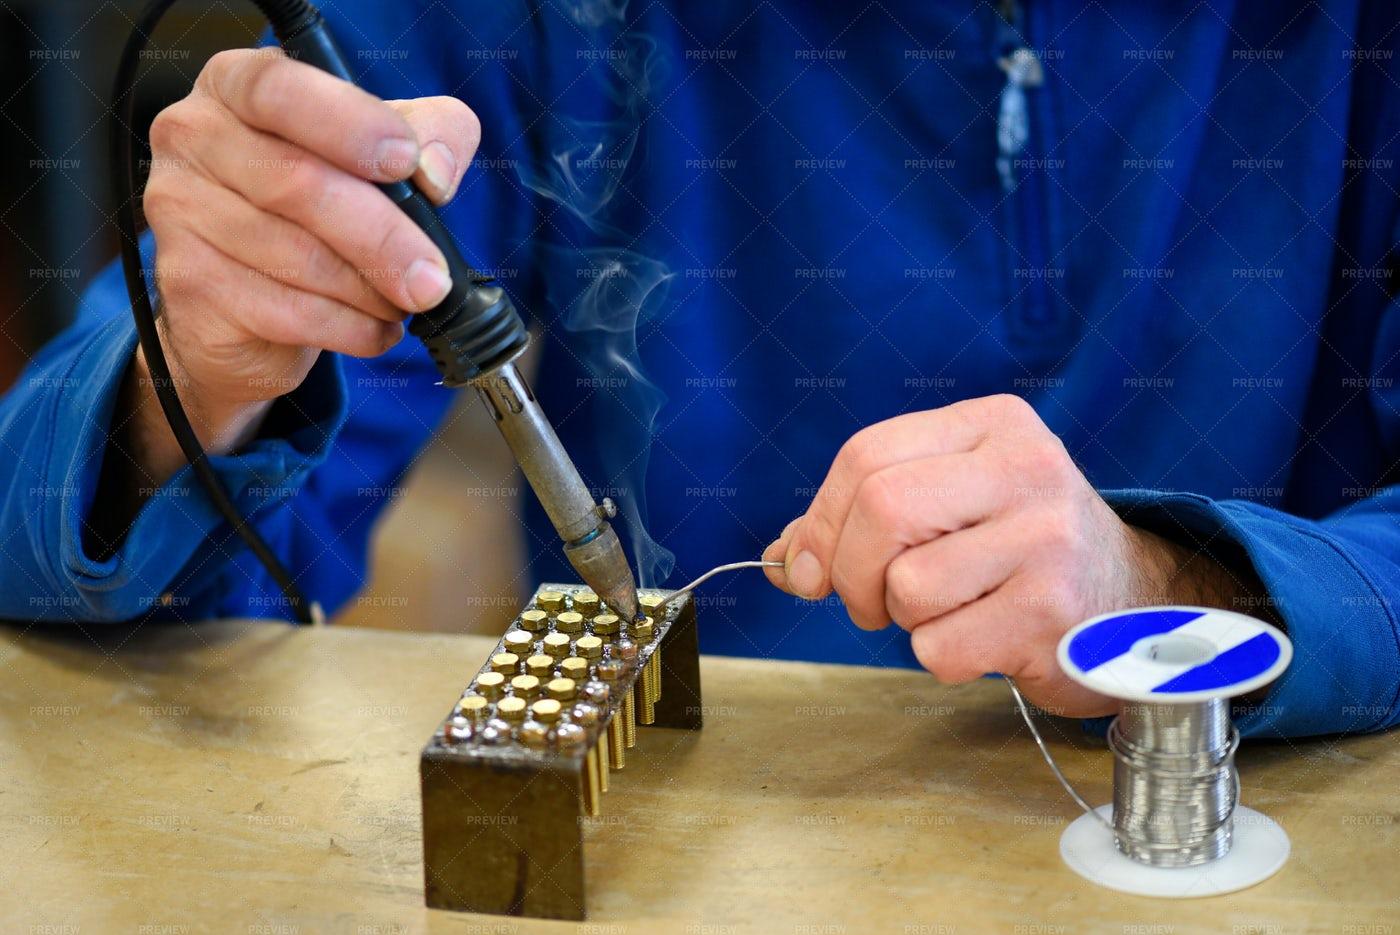 Worker Soldering Metal Parts: Stock Photos